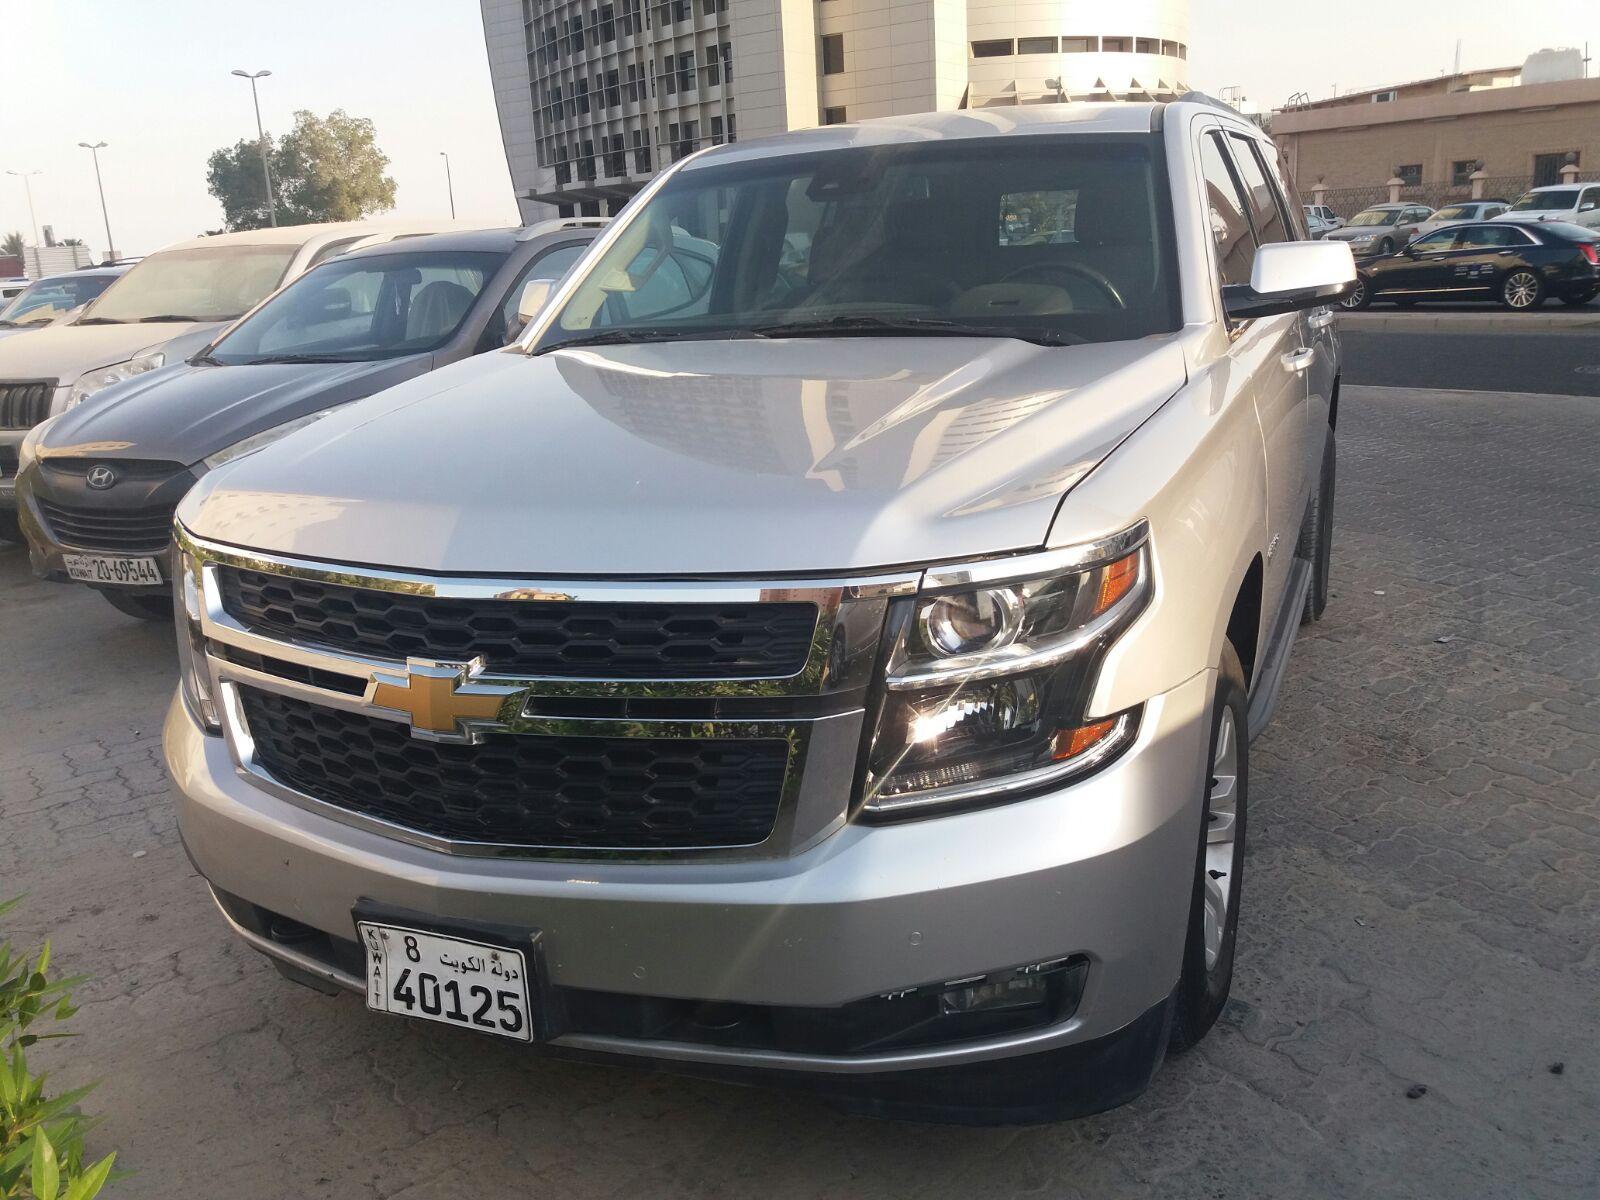 بالصور سيارات الكويت , تعرفى على احدث سيارات فى الكويت